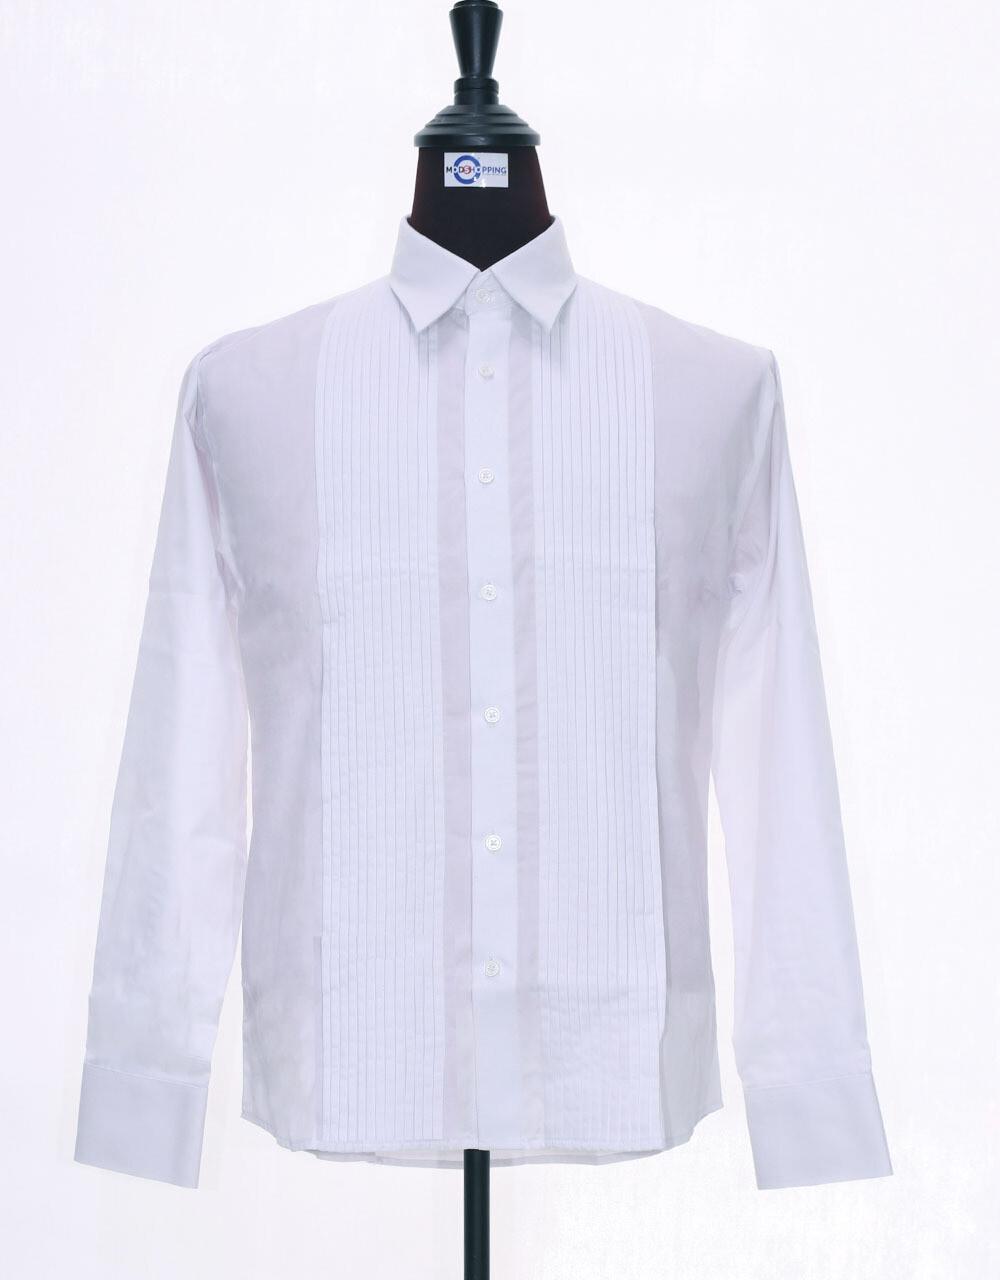 White Tuxedo Shirt For Man